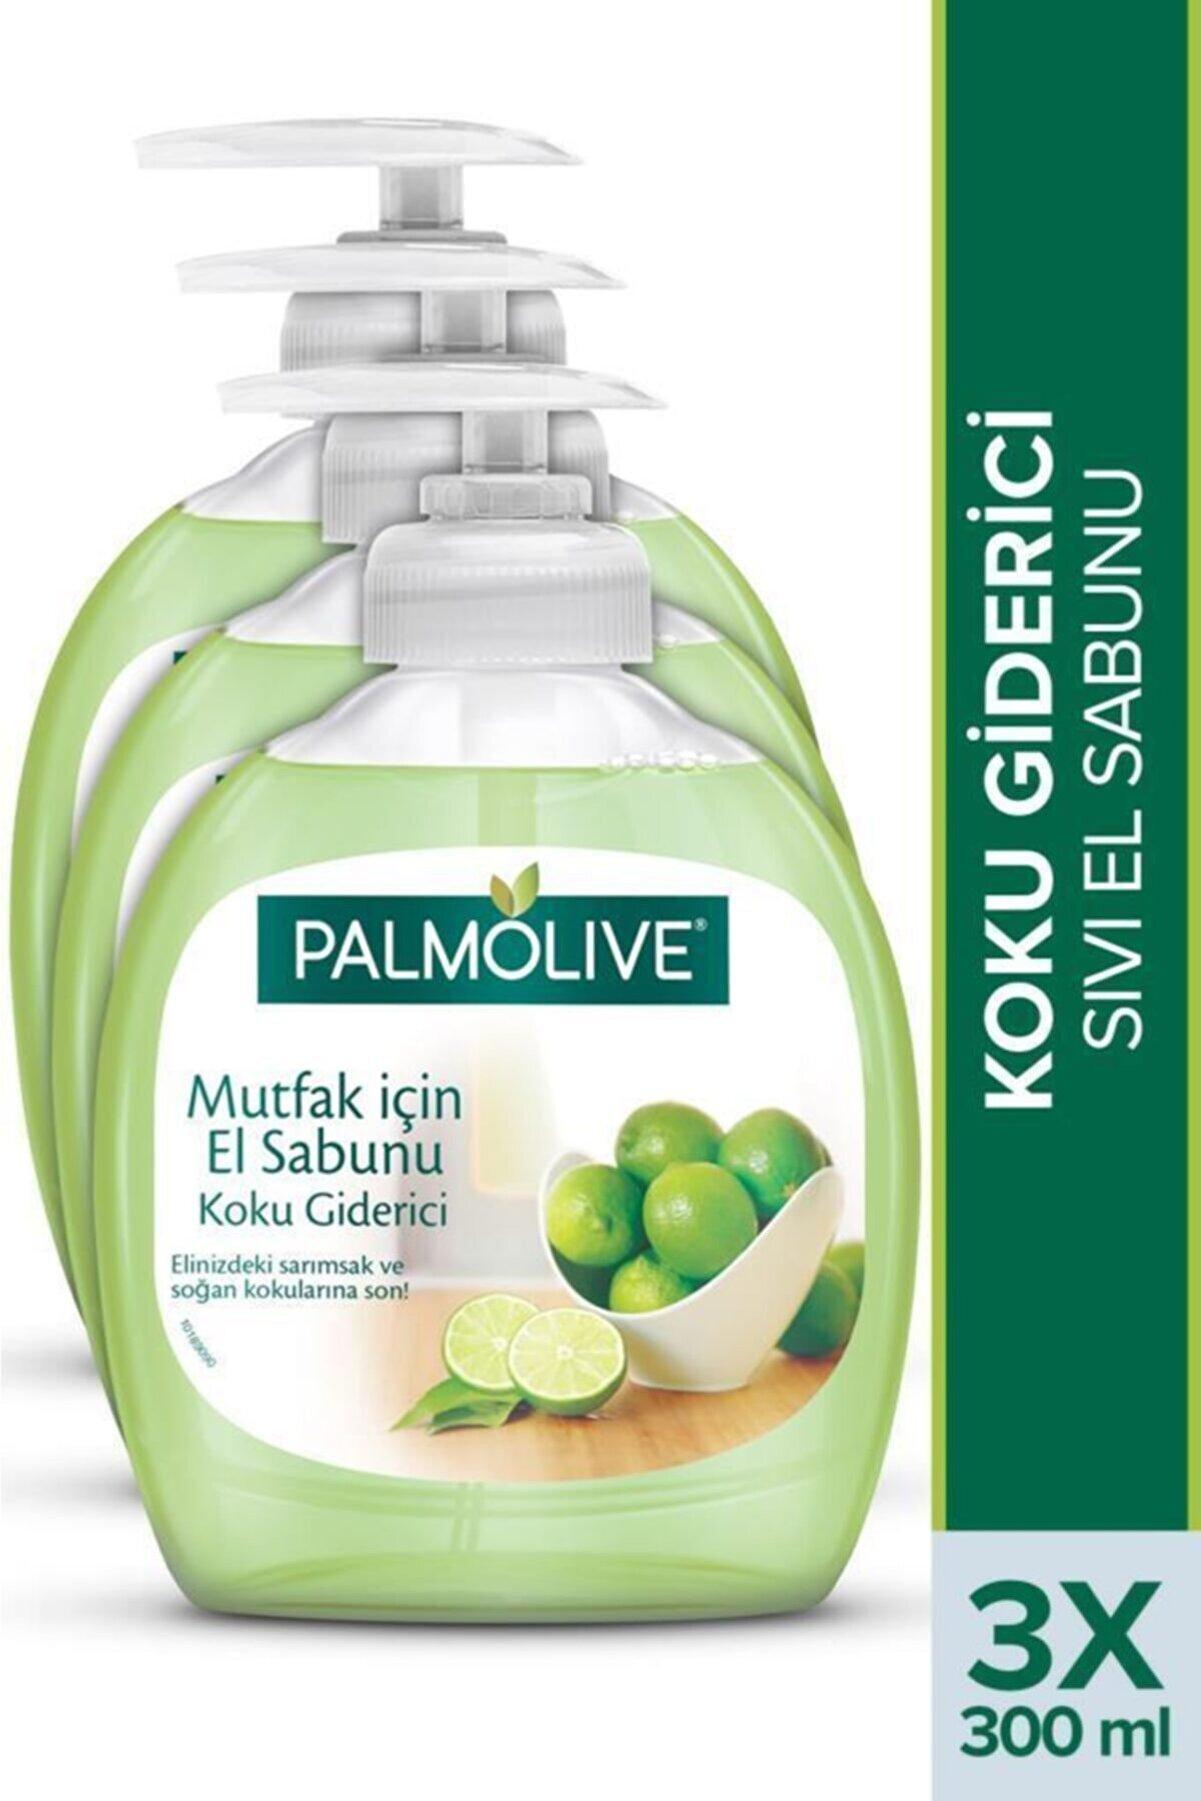 Palmolive Mutfak için Koku Giderici Sıvı El Sabunu 3 X 300 ml